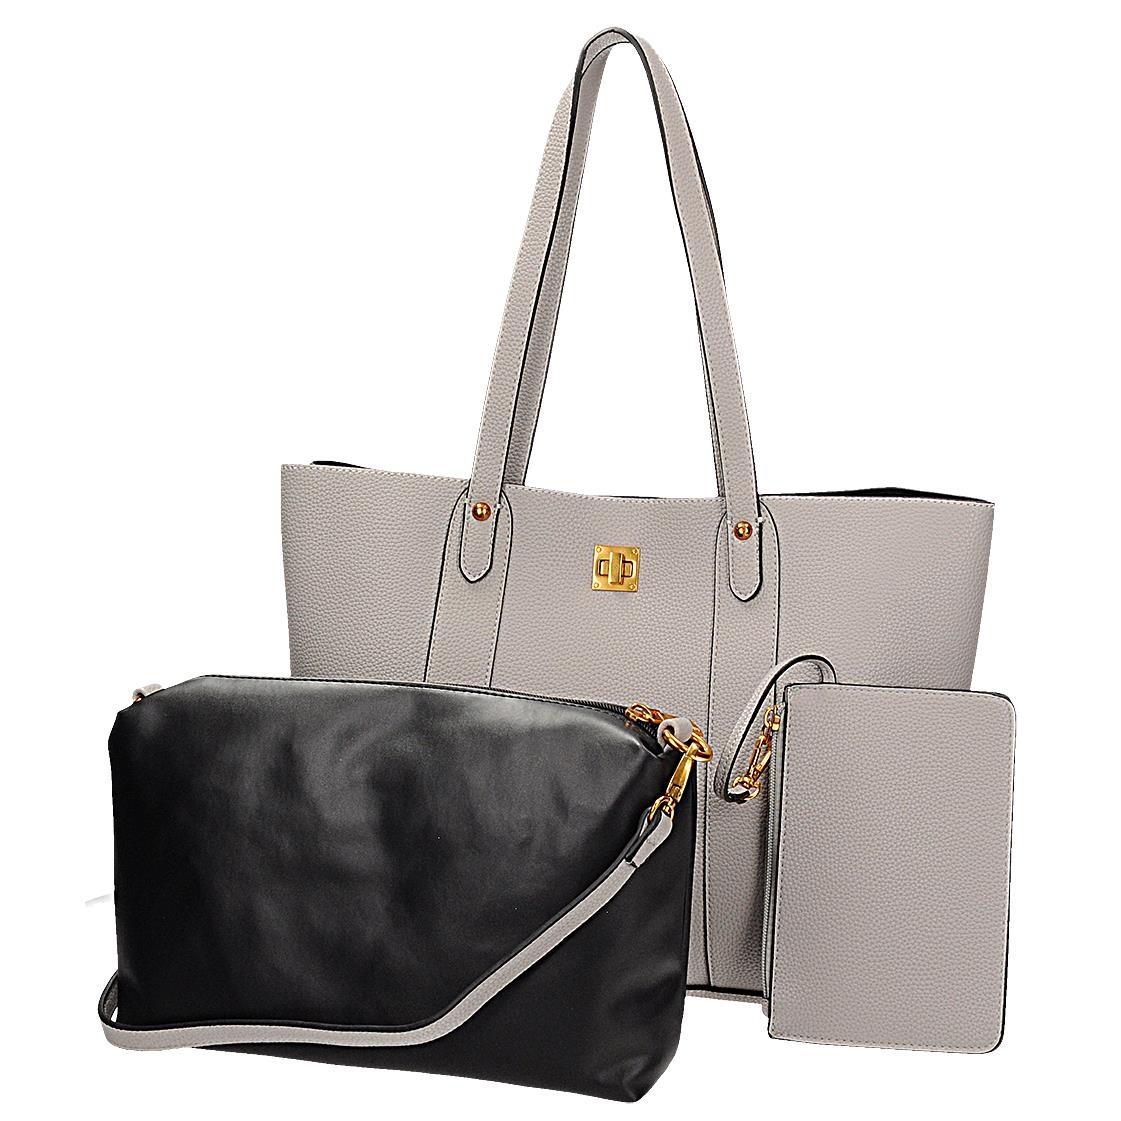 Šedá kabelka s odnímatelnou kosmetickou taškou a pouzdrem na klíče 8e8a45708ec